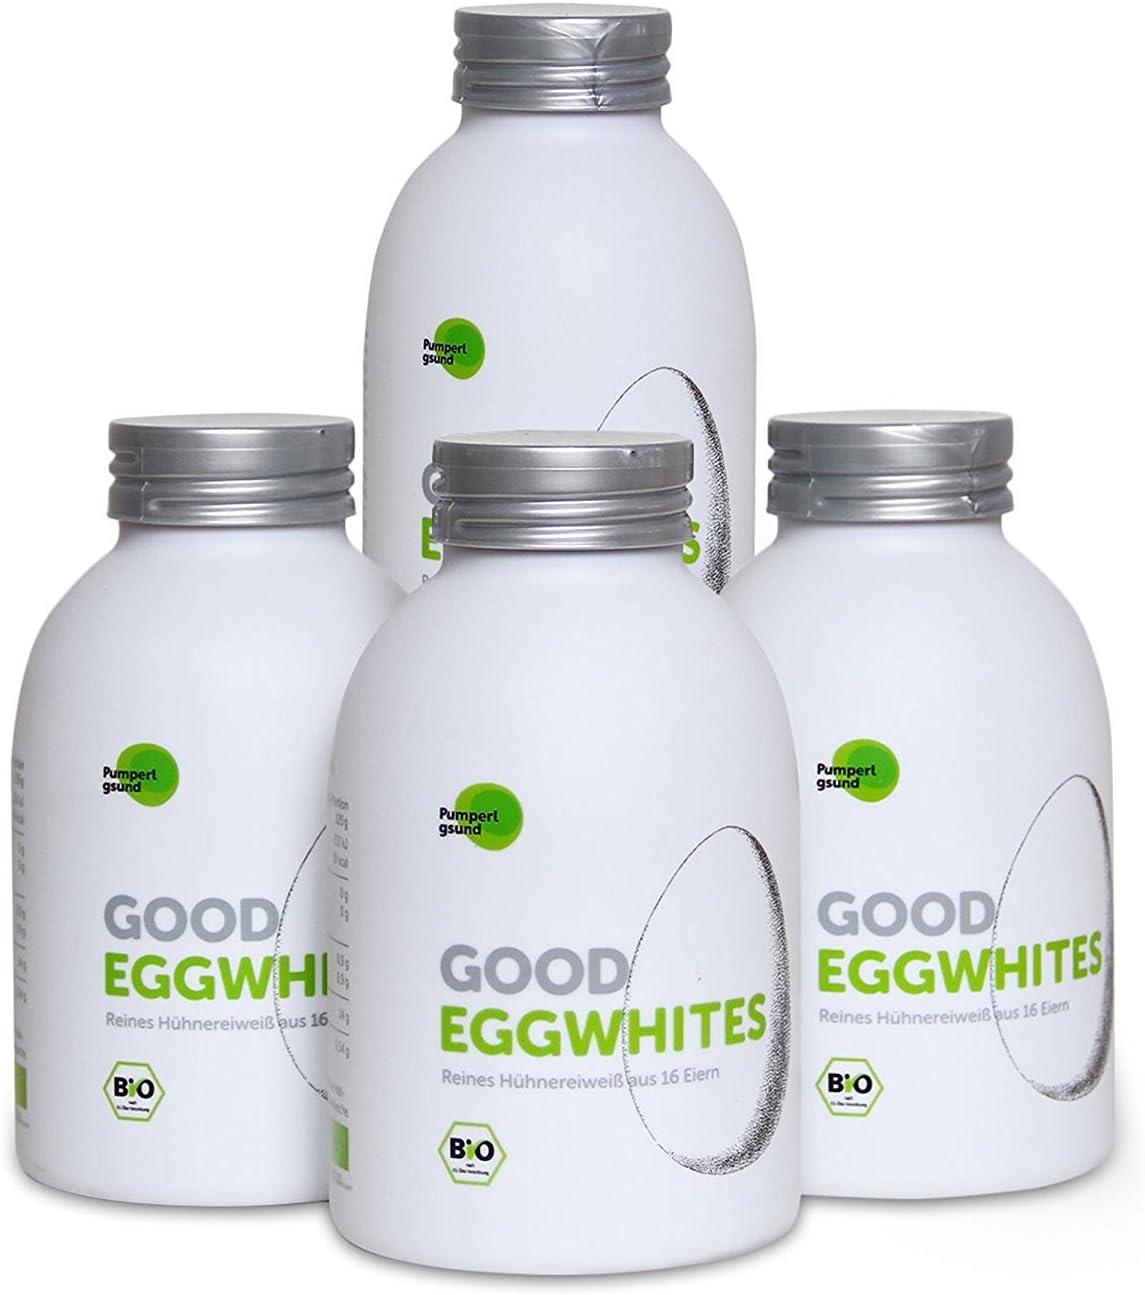 Good Eggwhites 4 x 483 ml (clara de huevo ecológica) • proteína líquida • adelgazar de forma saludable y ganar masa muscular • batidos de proteínas • ...